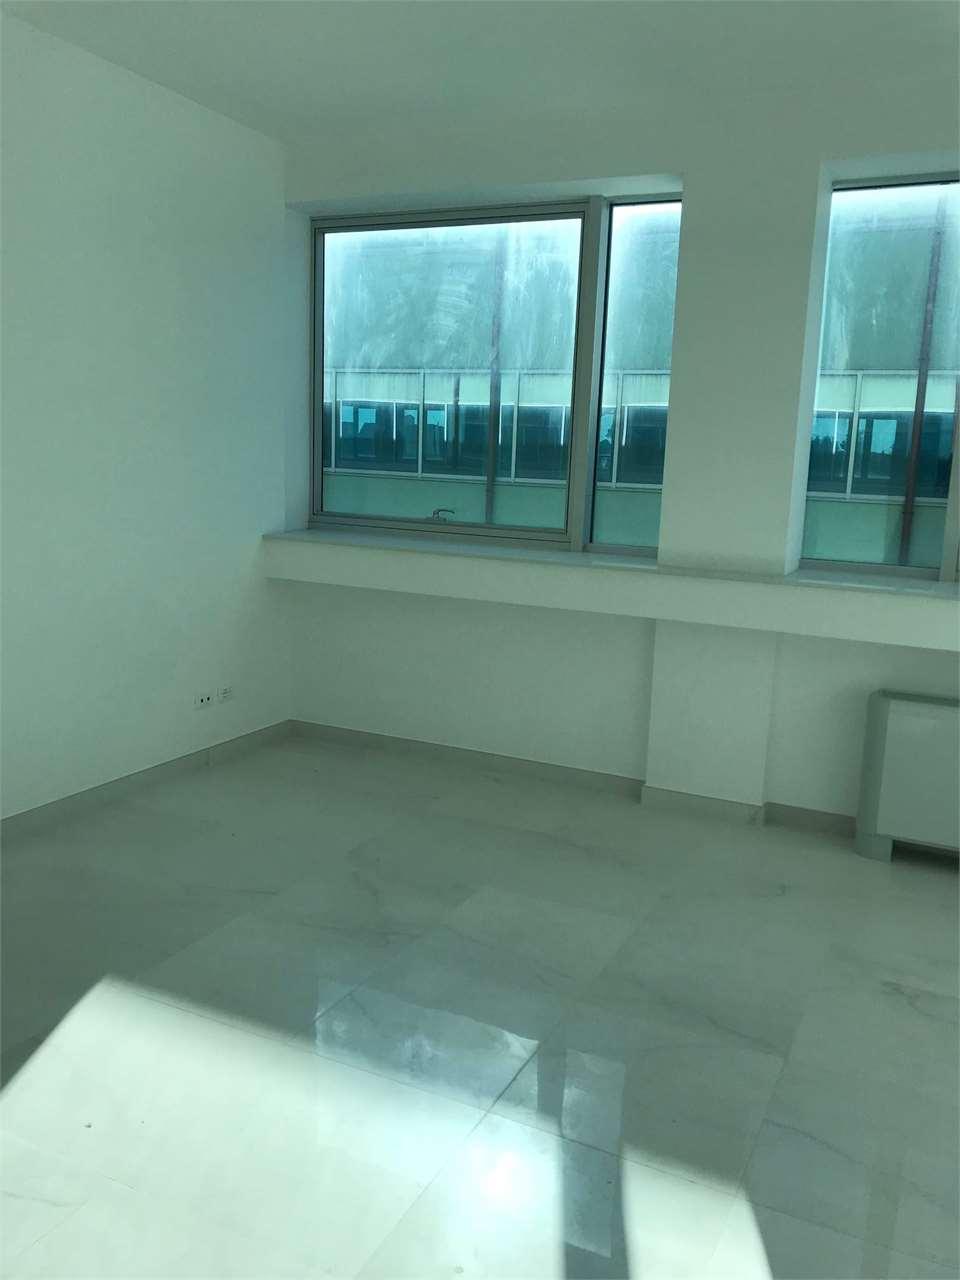 Appartamento in vendita a Nardò, 3 locali, prezzo € 98.000 | CambioCasa.it